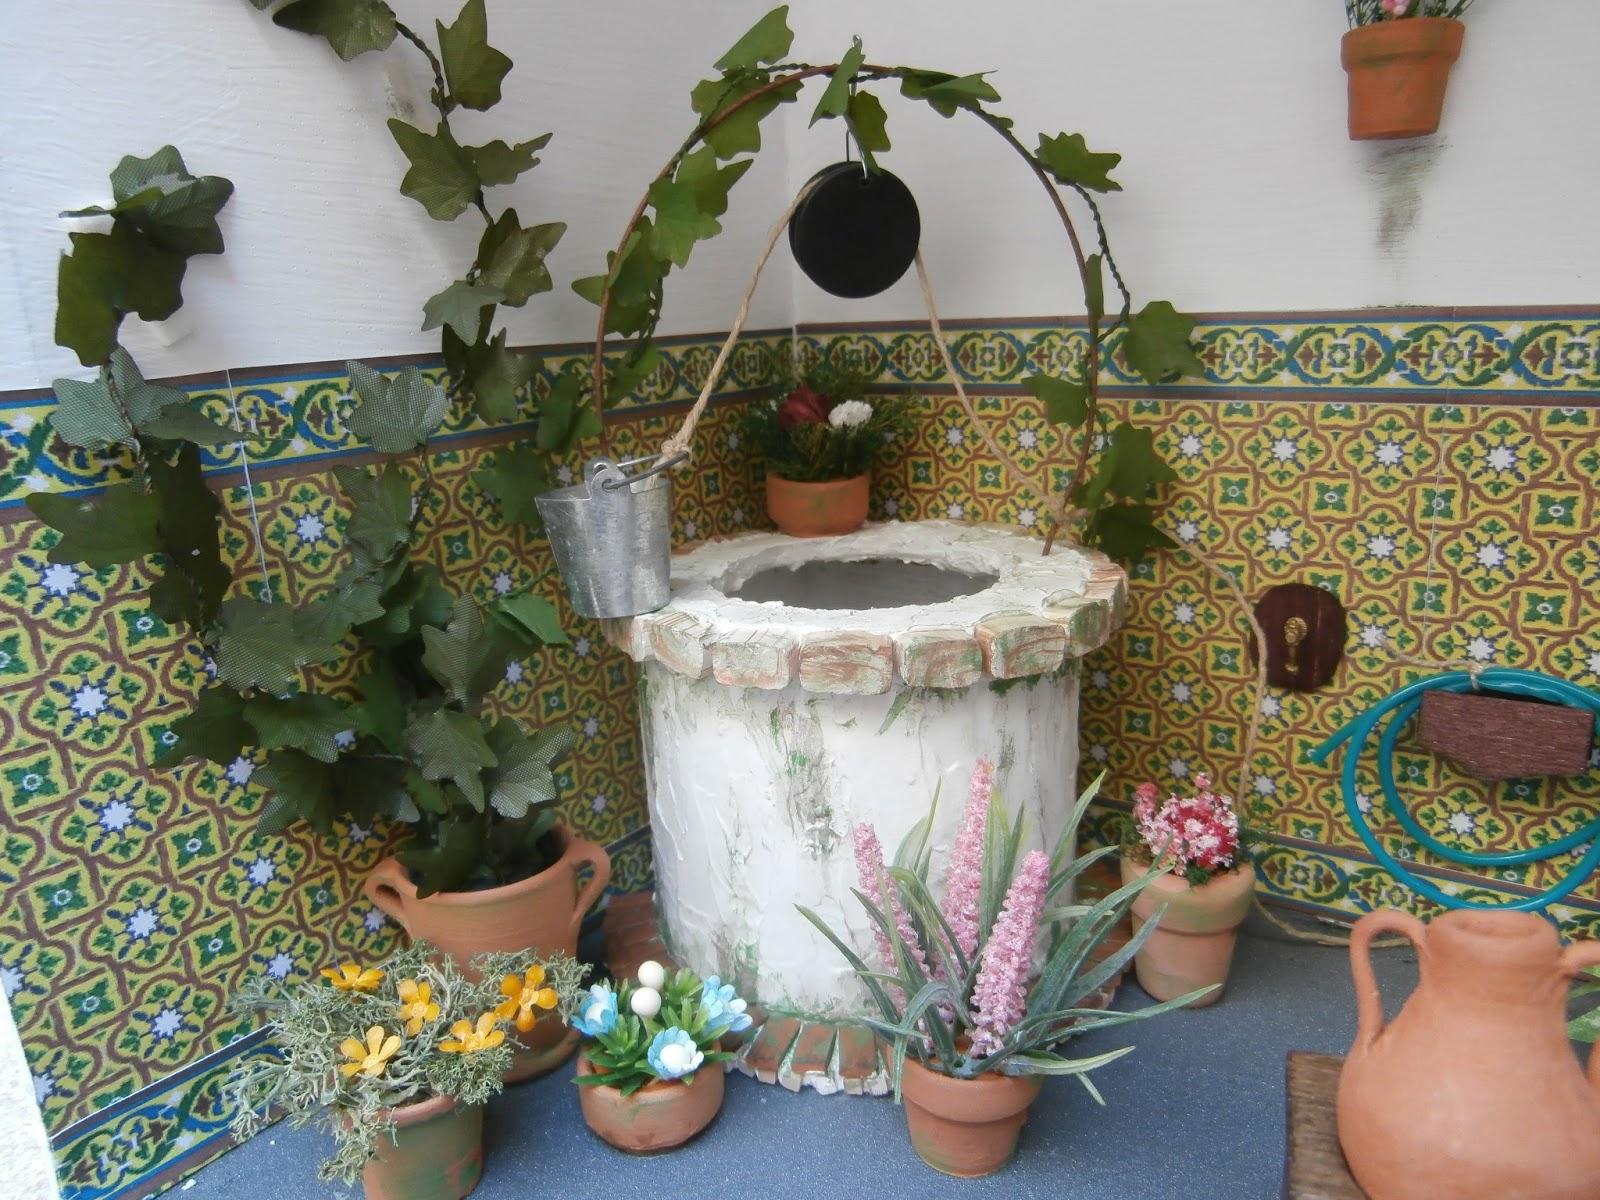 Isus y sus mini caprichos patio andaluz - Fotos patio andaluz ...